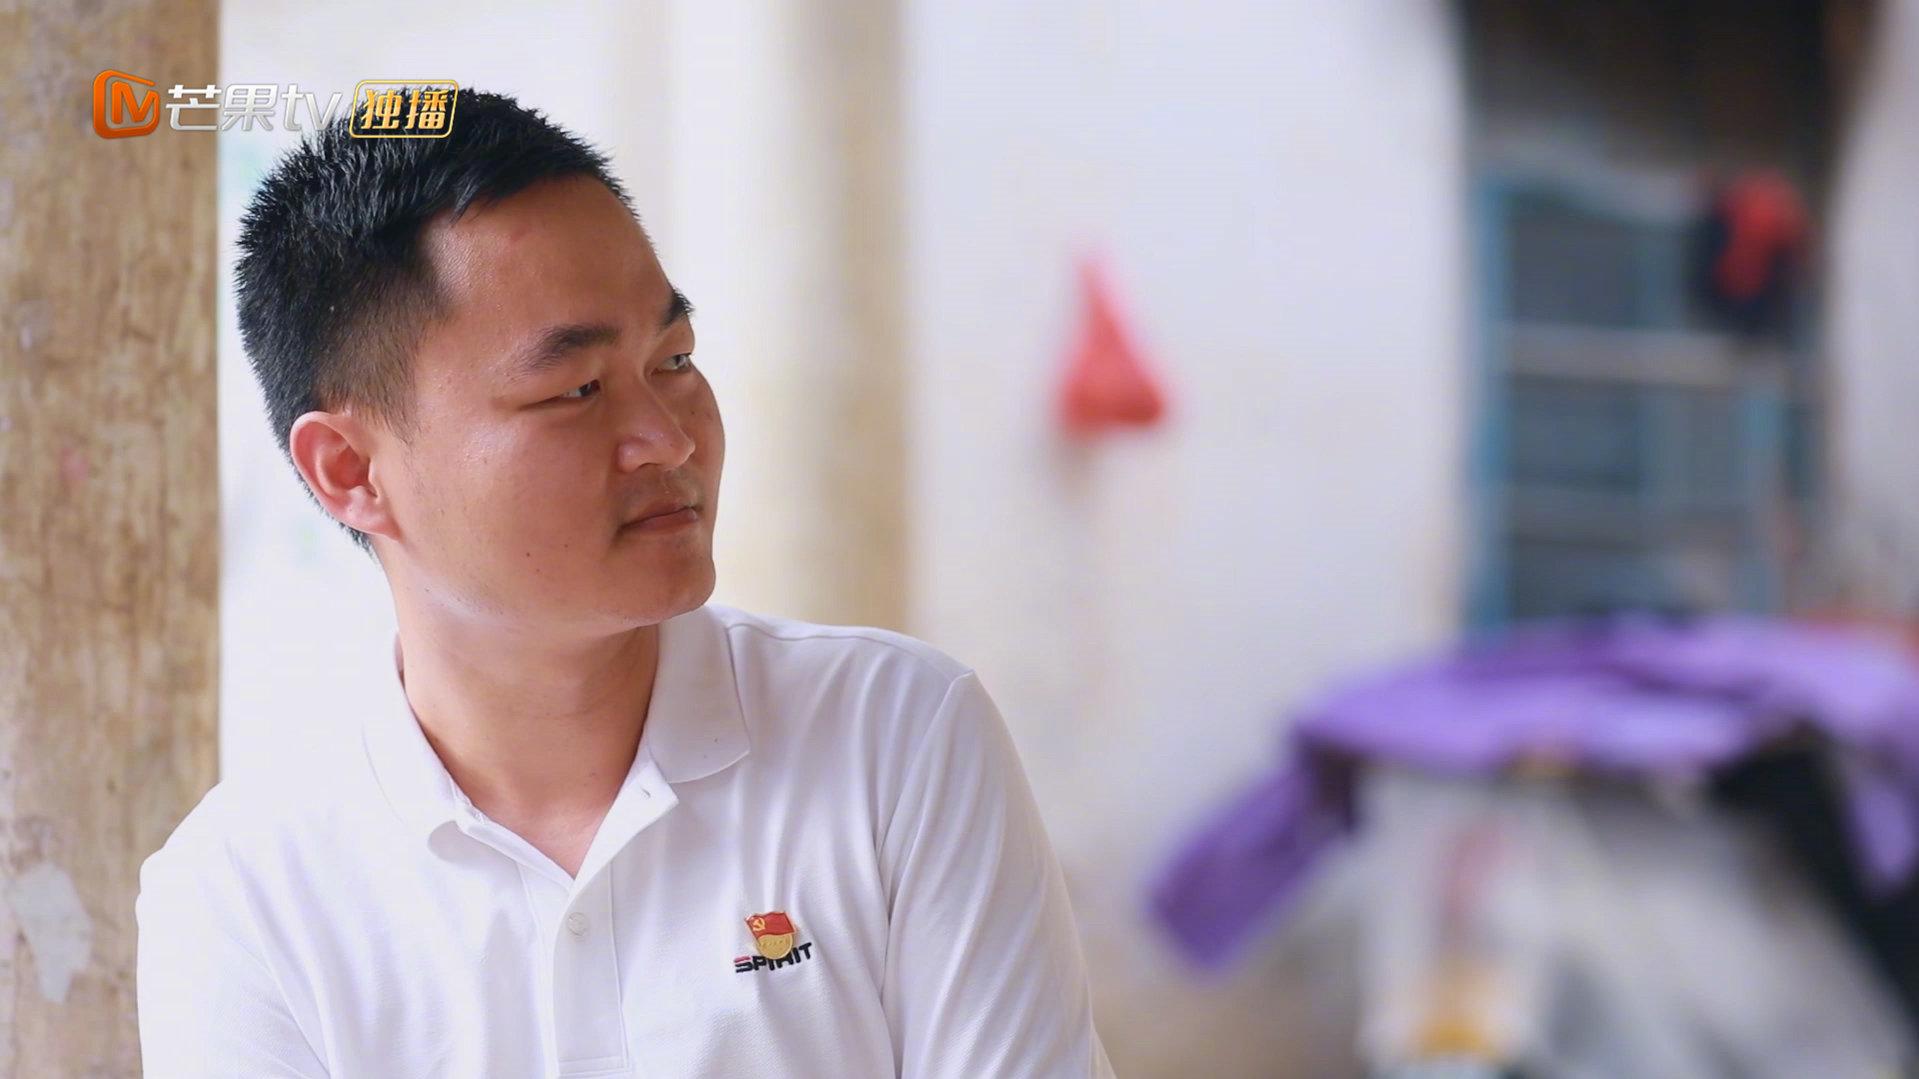 汤翔淇鼓励务工就业推动脱贫,却处处碰壁